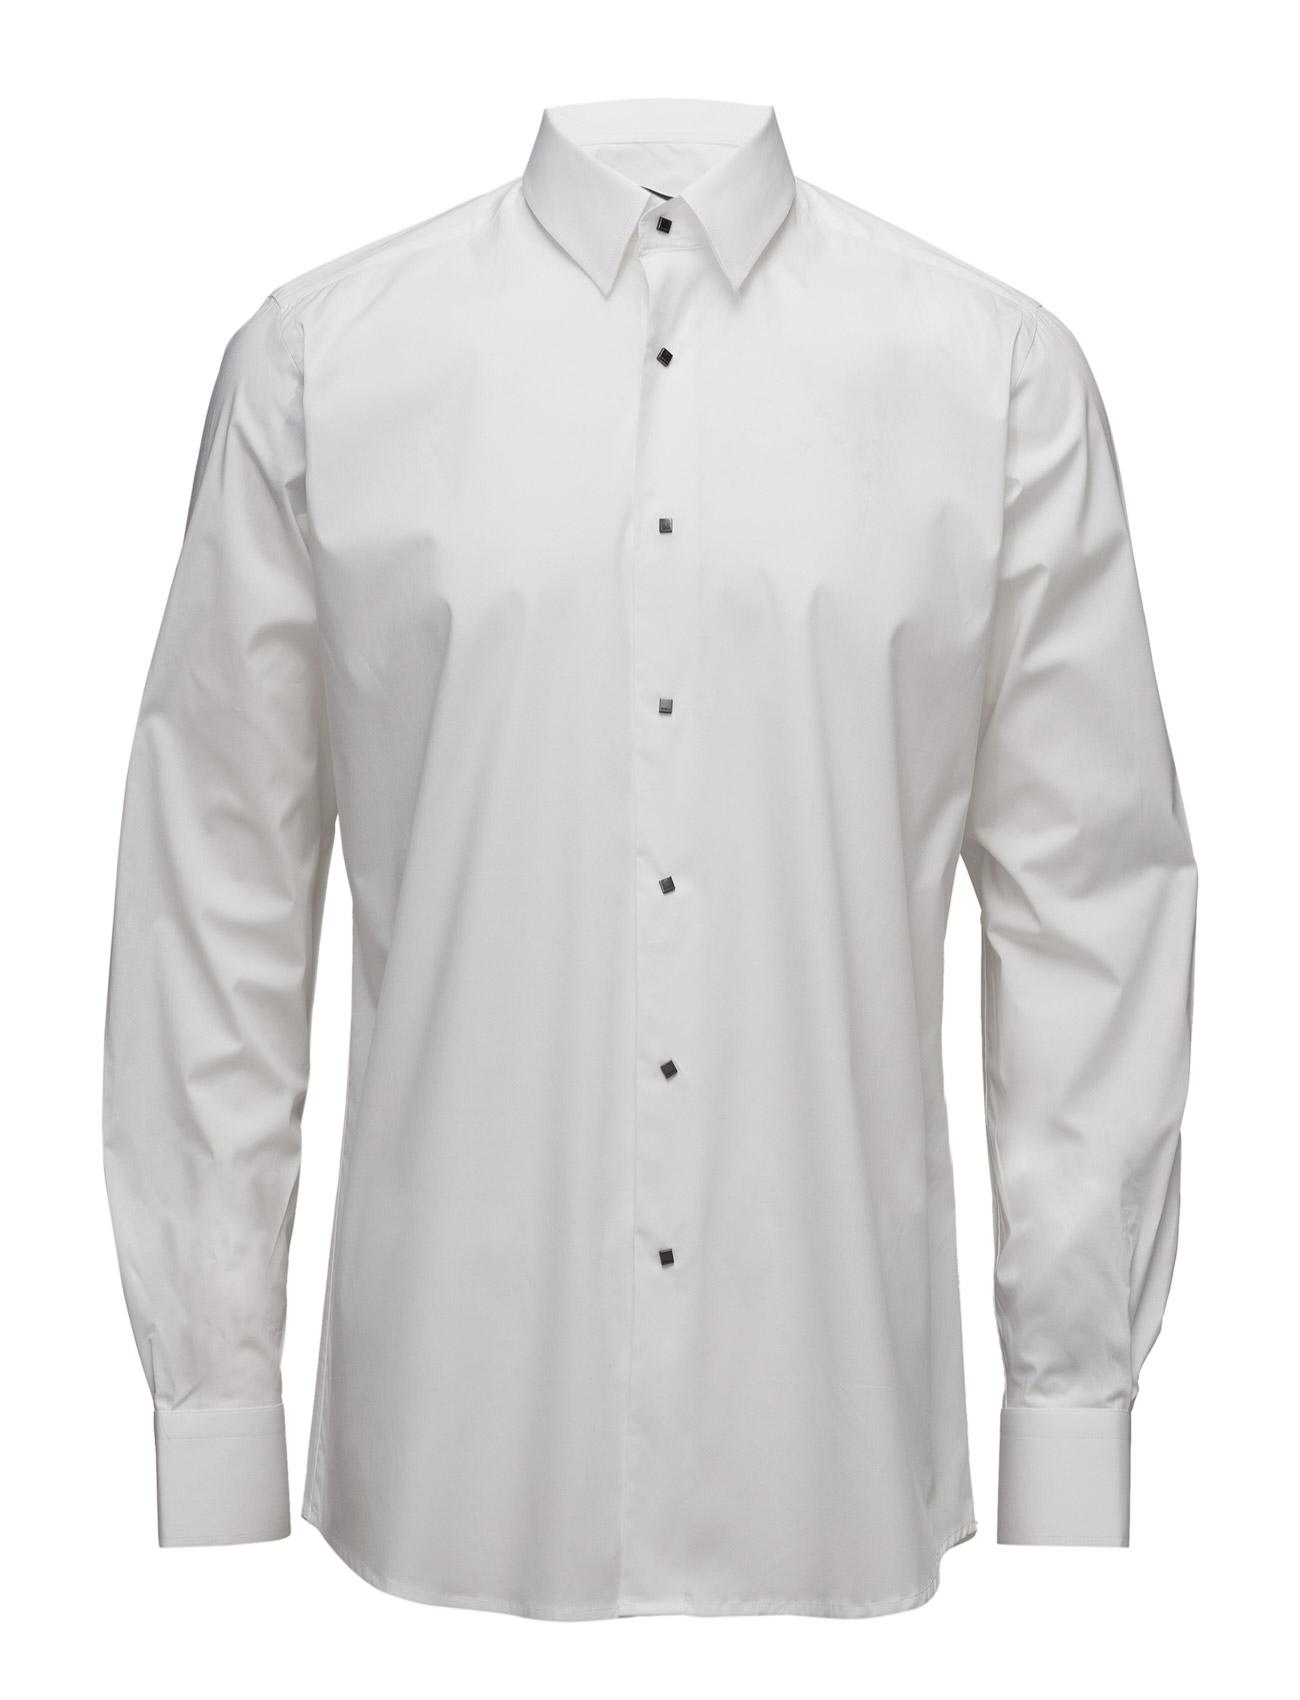 Shirt Slim Lagerfeld Casual sko til Herrer i hvid